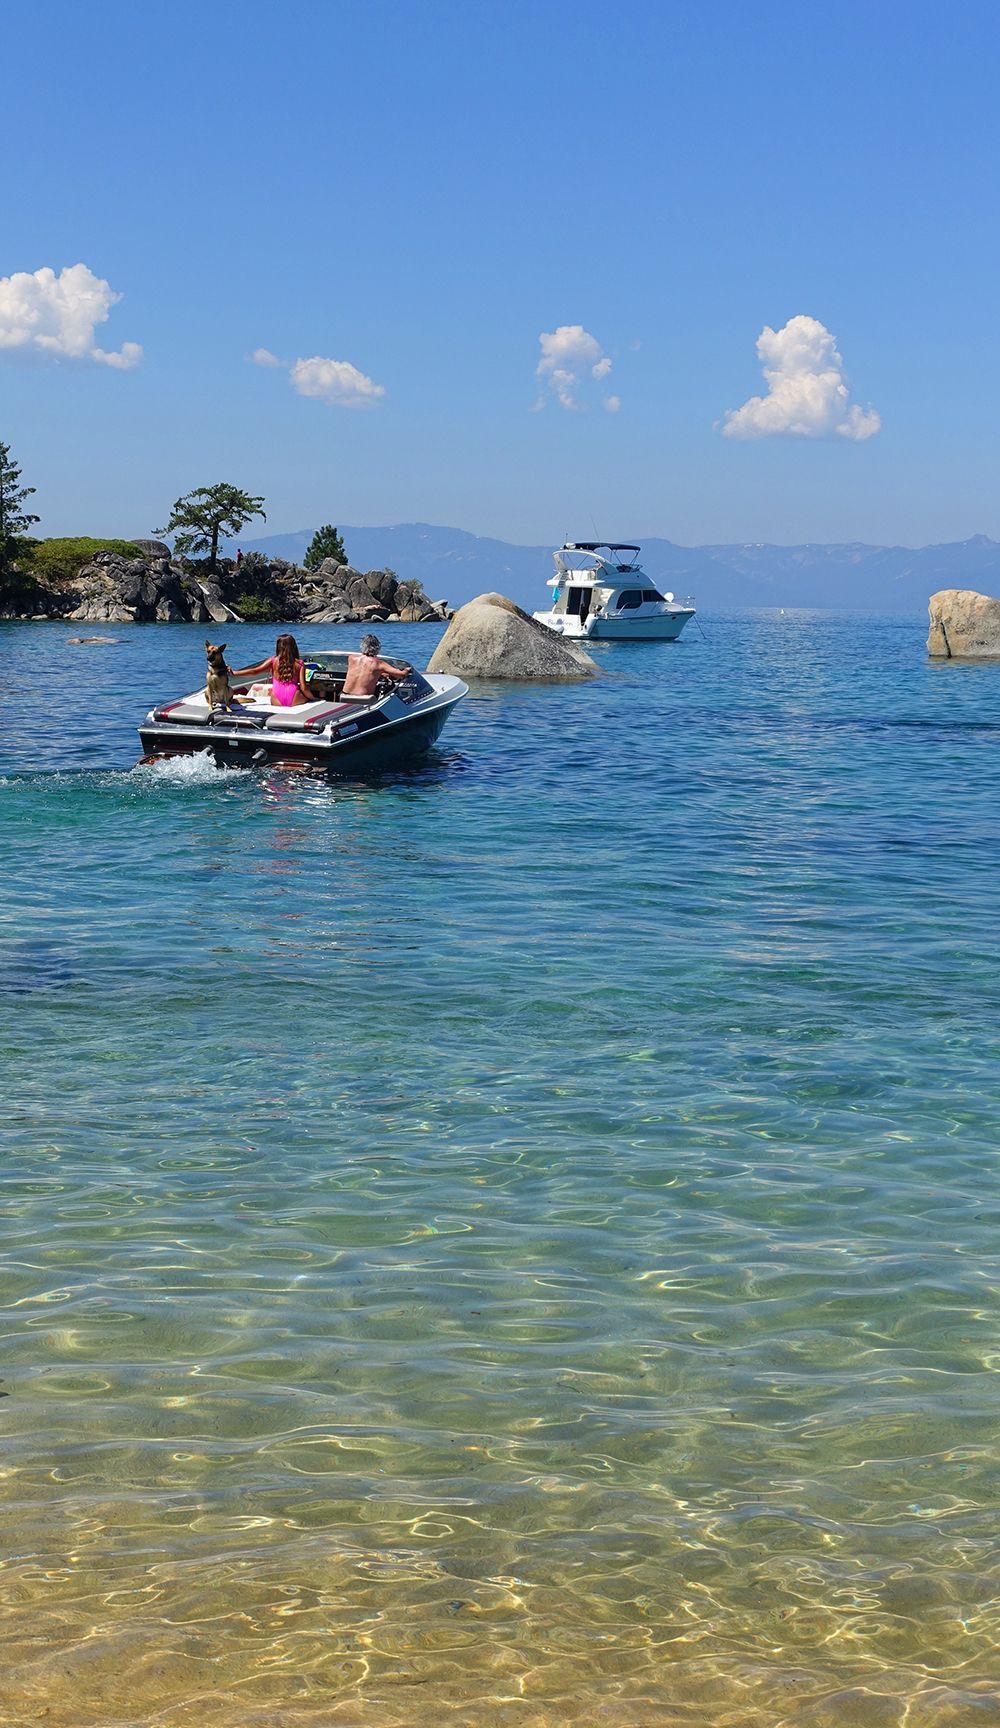 Whale Beach Tahoe : whale, beach, tahoe, Summer, Tahoe, Magical., Spend, Boating, Hanging, Beach., Shore, Beach,, Beaches,